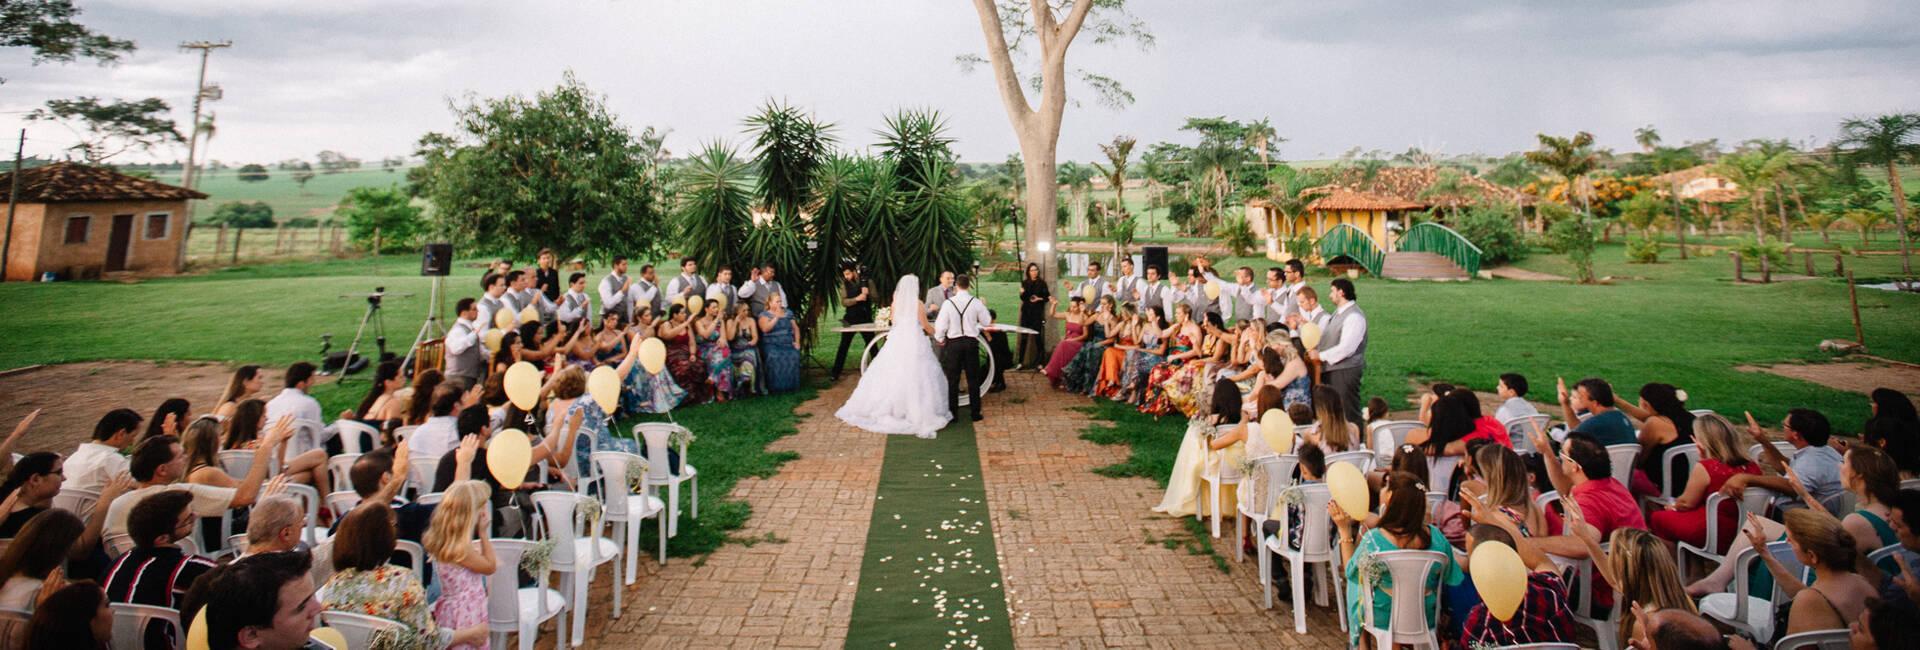 Casamento de Nayara & Emerson